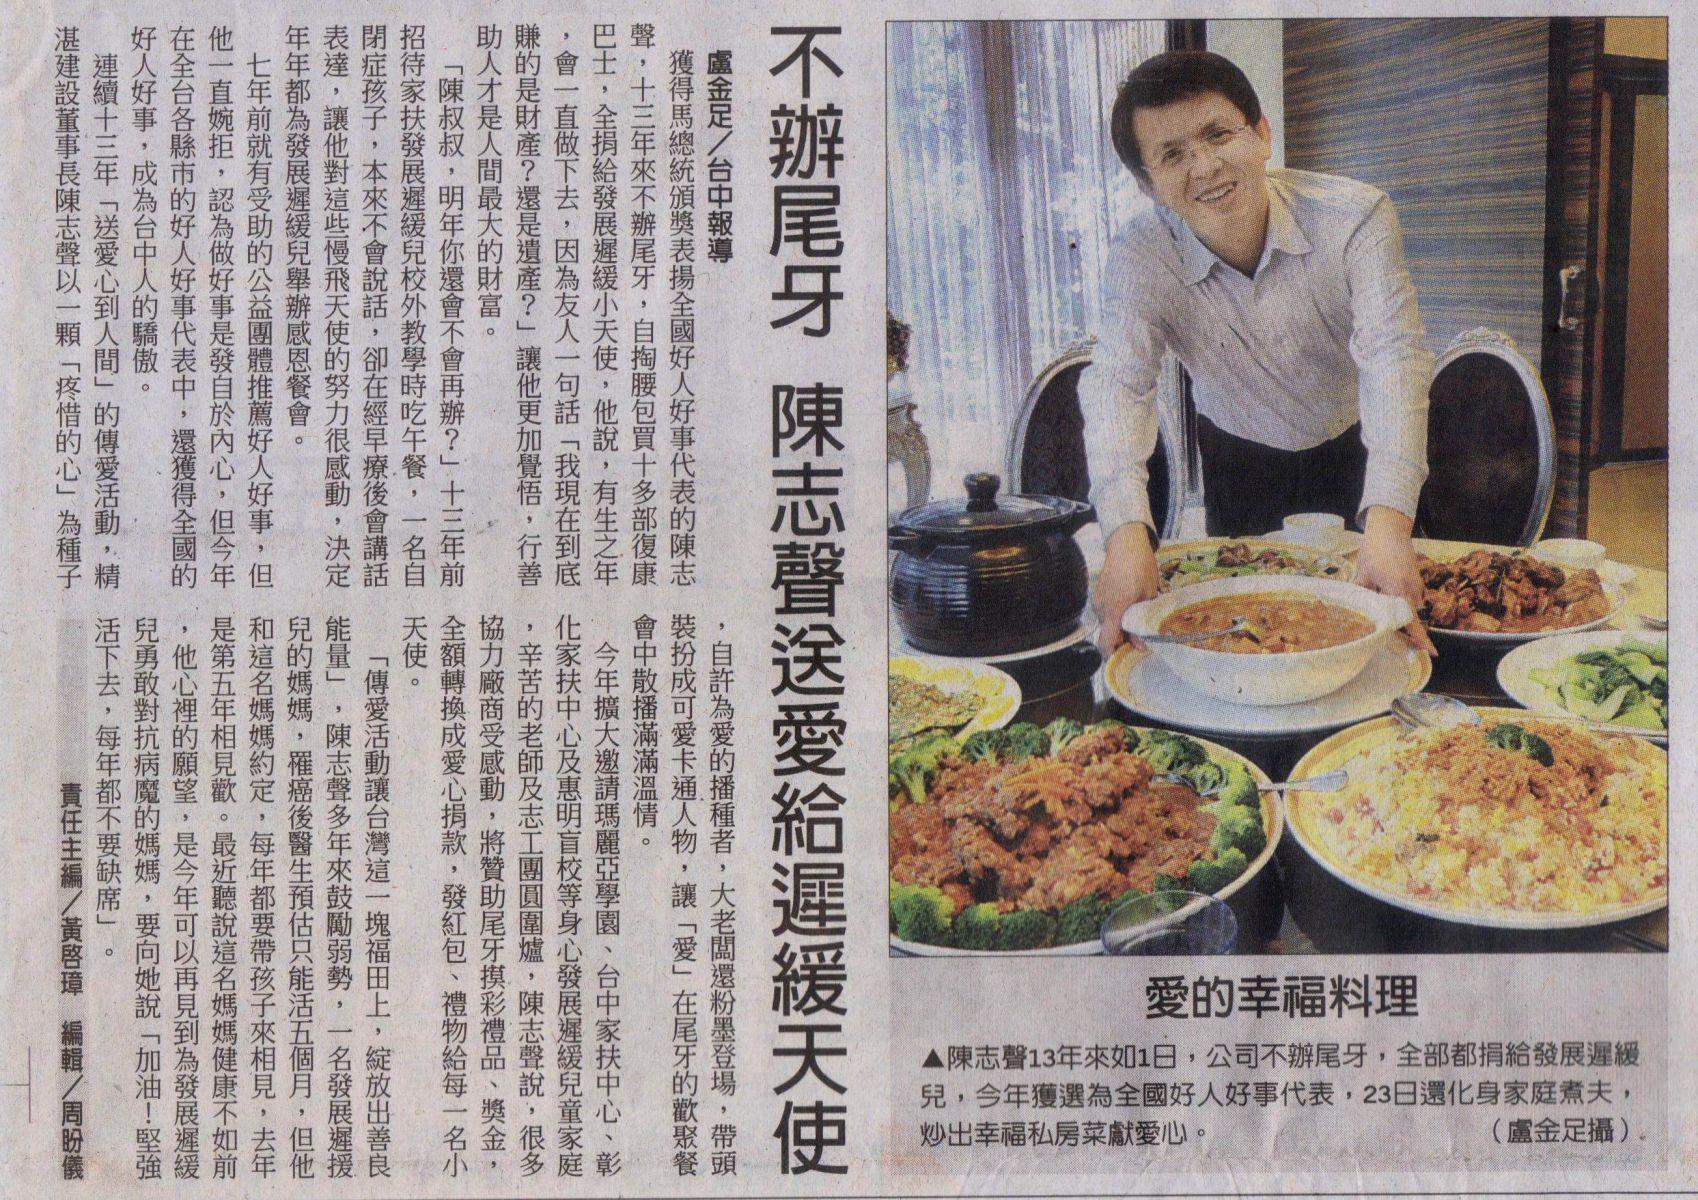 20111224中國時報_不辦尾牙 陳志聲送愛給遲緩天使